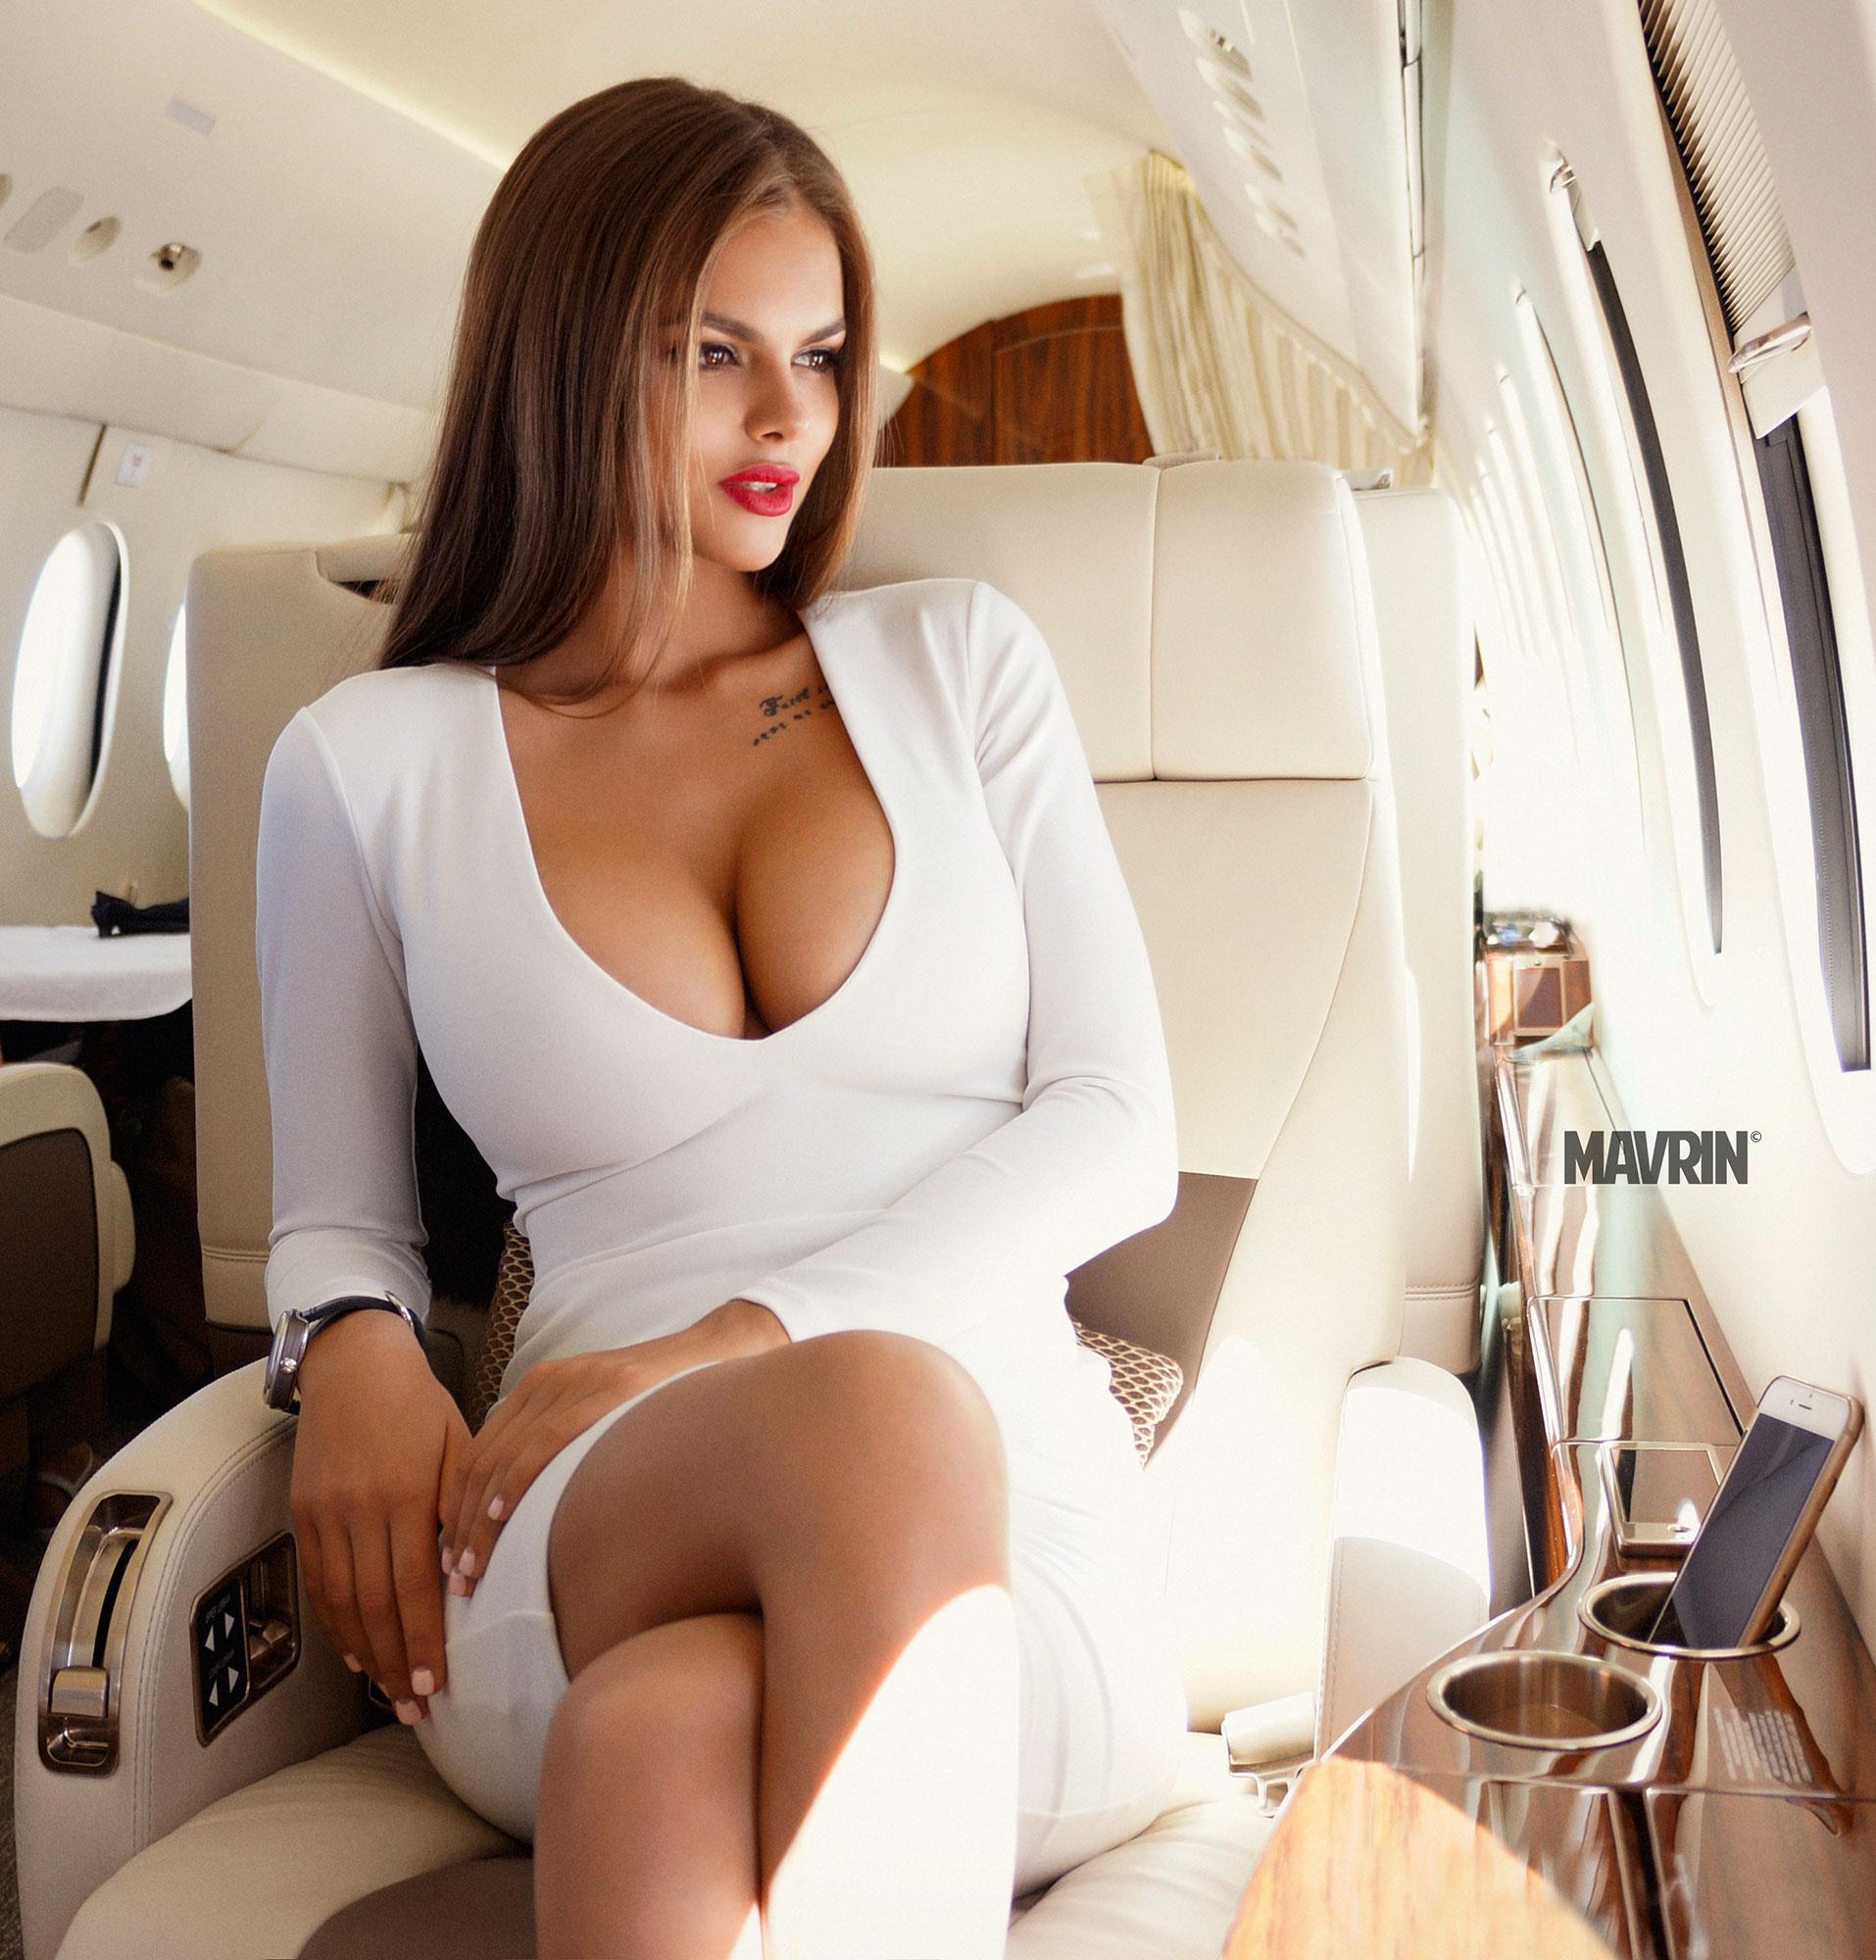 Les femmes russes ont tous ce qu'il faut !